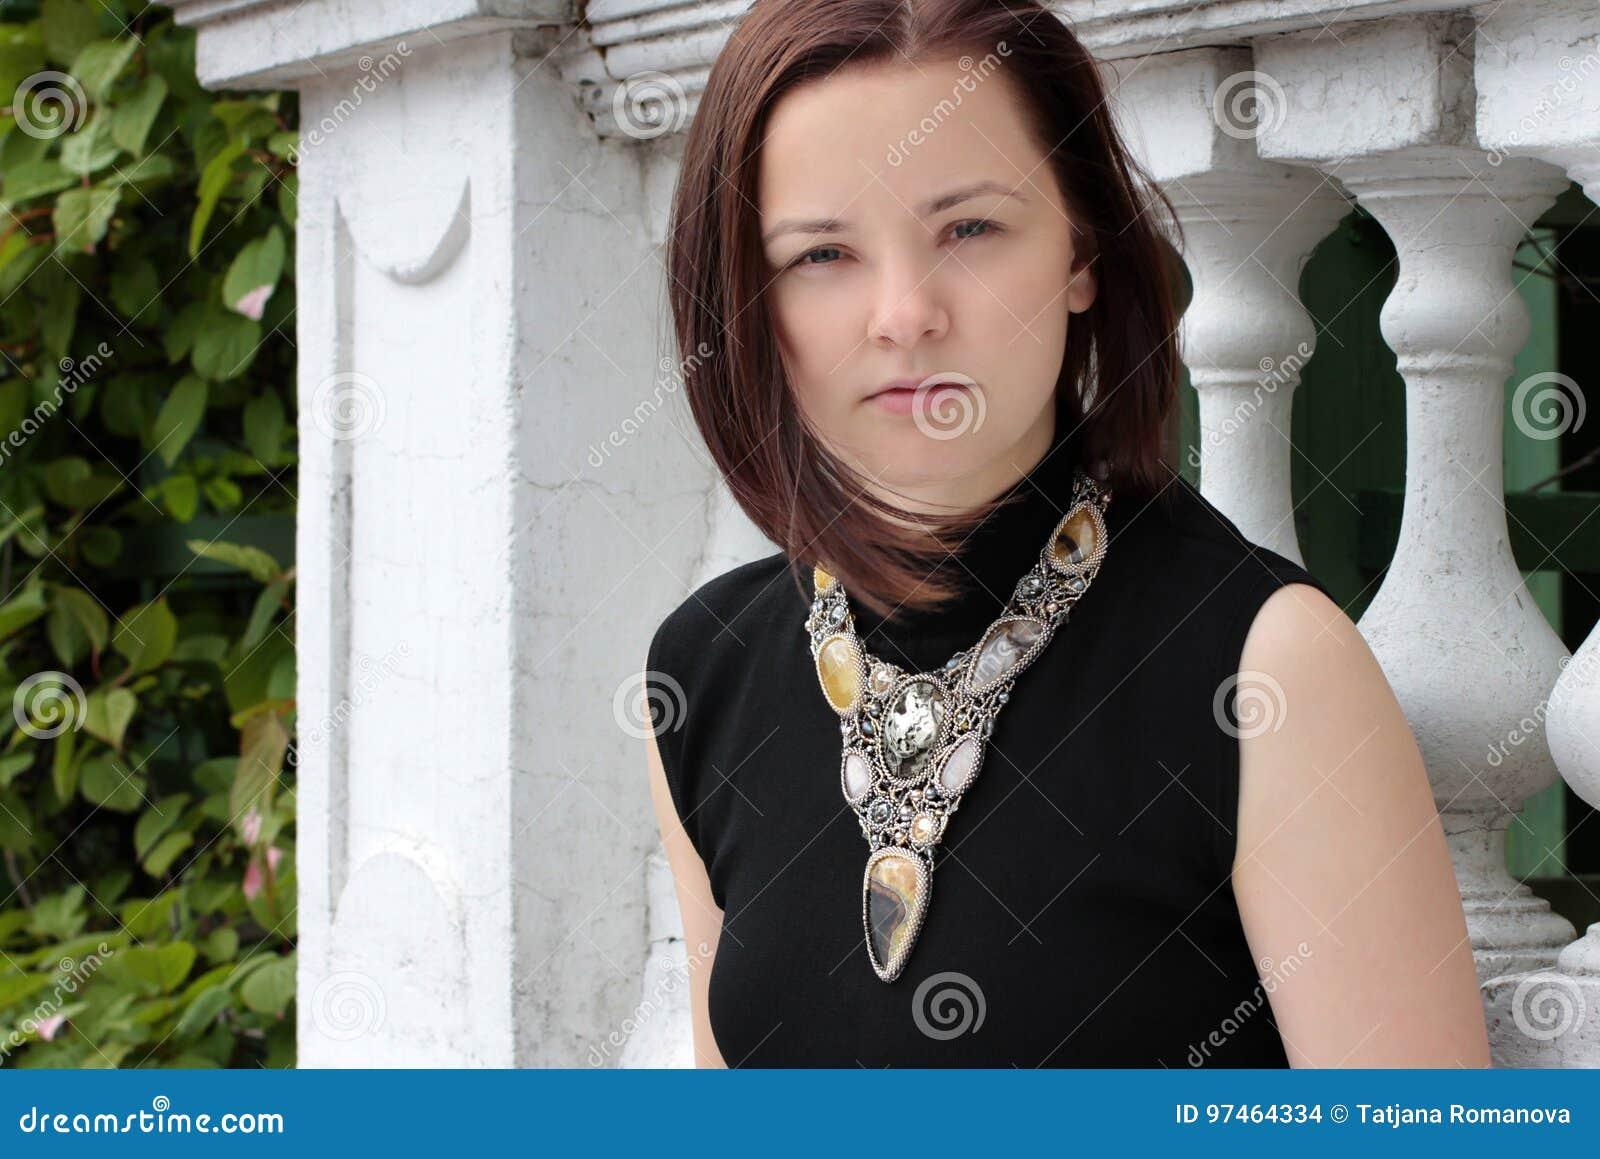 Ritratto di una giovane donna sulla via